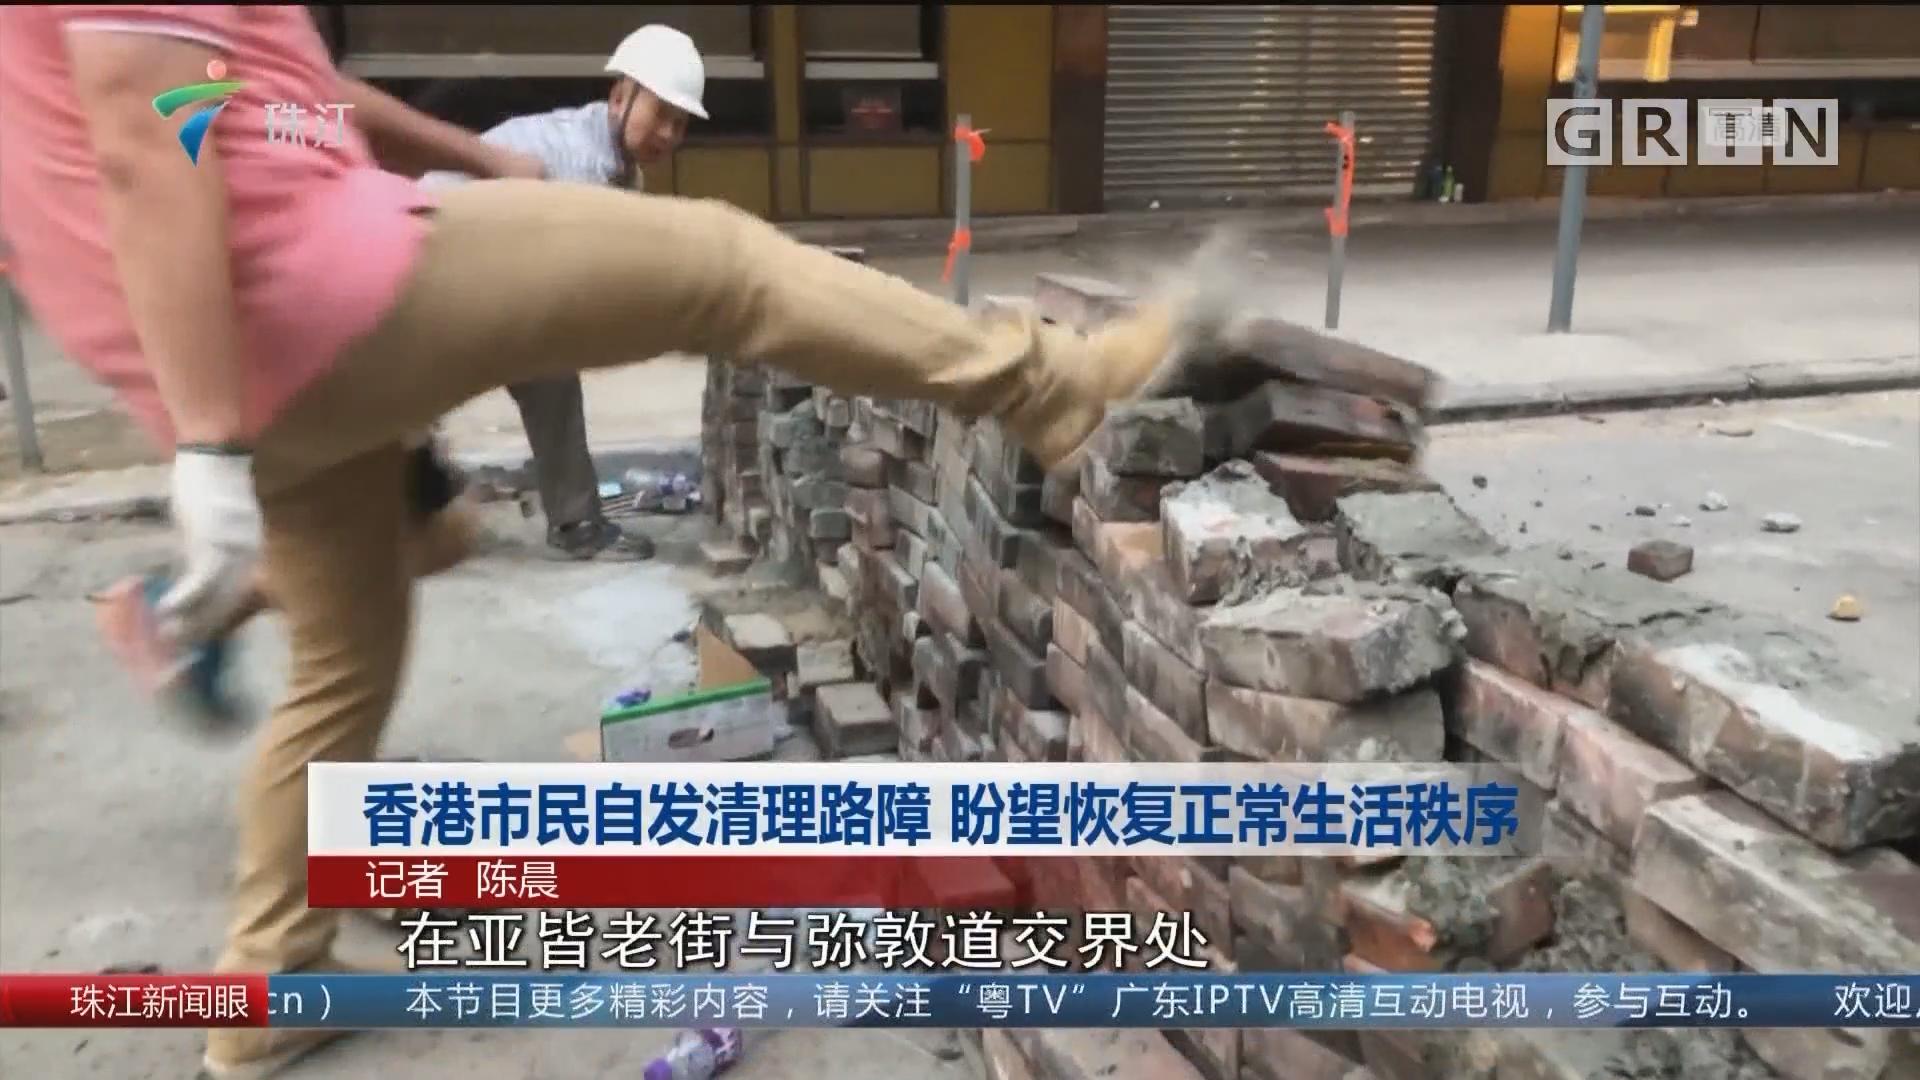 香港市民自发清理路障 盼望恢复正常生活秩序